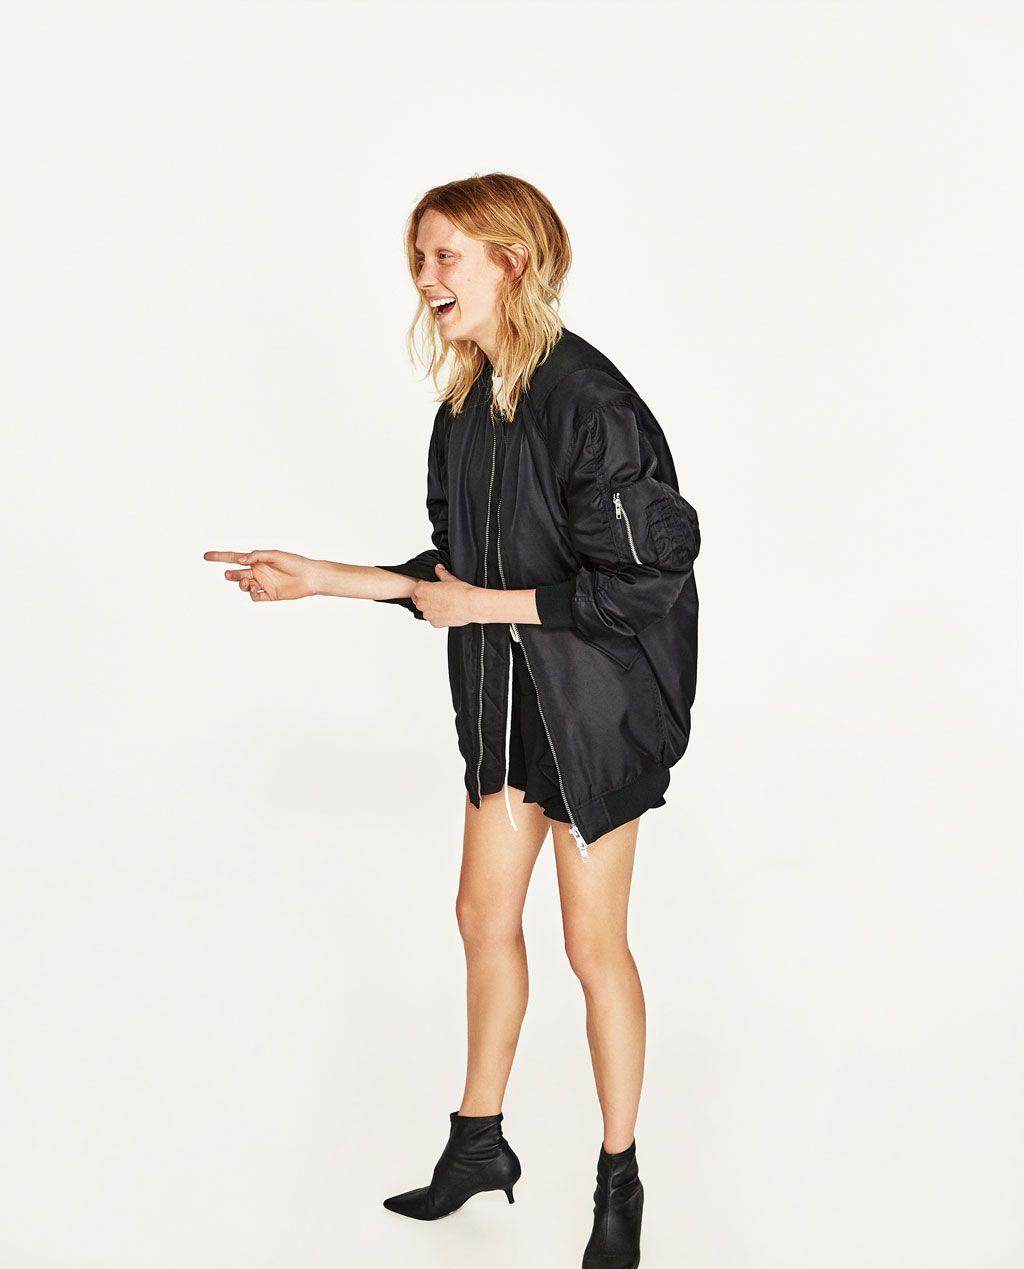 Oversize Bomber Ceket Bomber Outfit Bomber Jacket Outfit Bomber Jacket Fashion